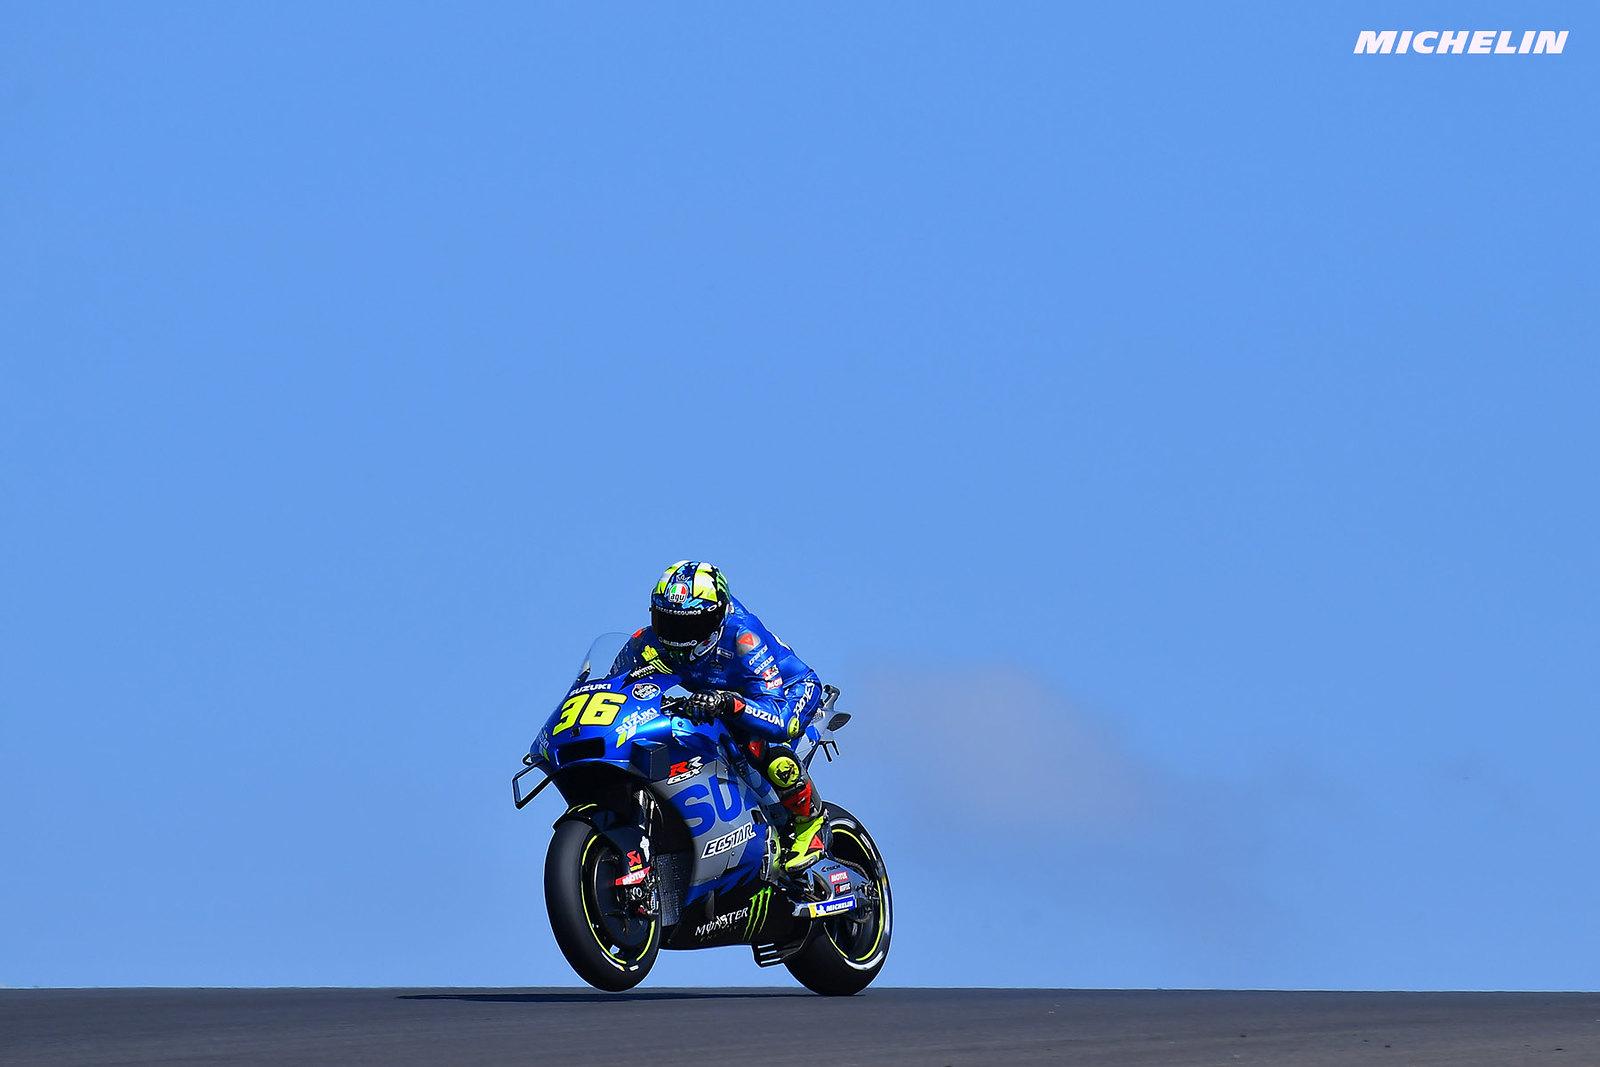 MotoGP2021 ポルトガルGP 予選9位ジョアン・ミル「タイヤの本数が足りず、2度目のアタックは出来なかった」